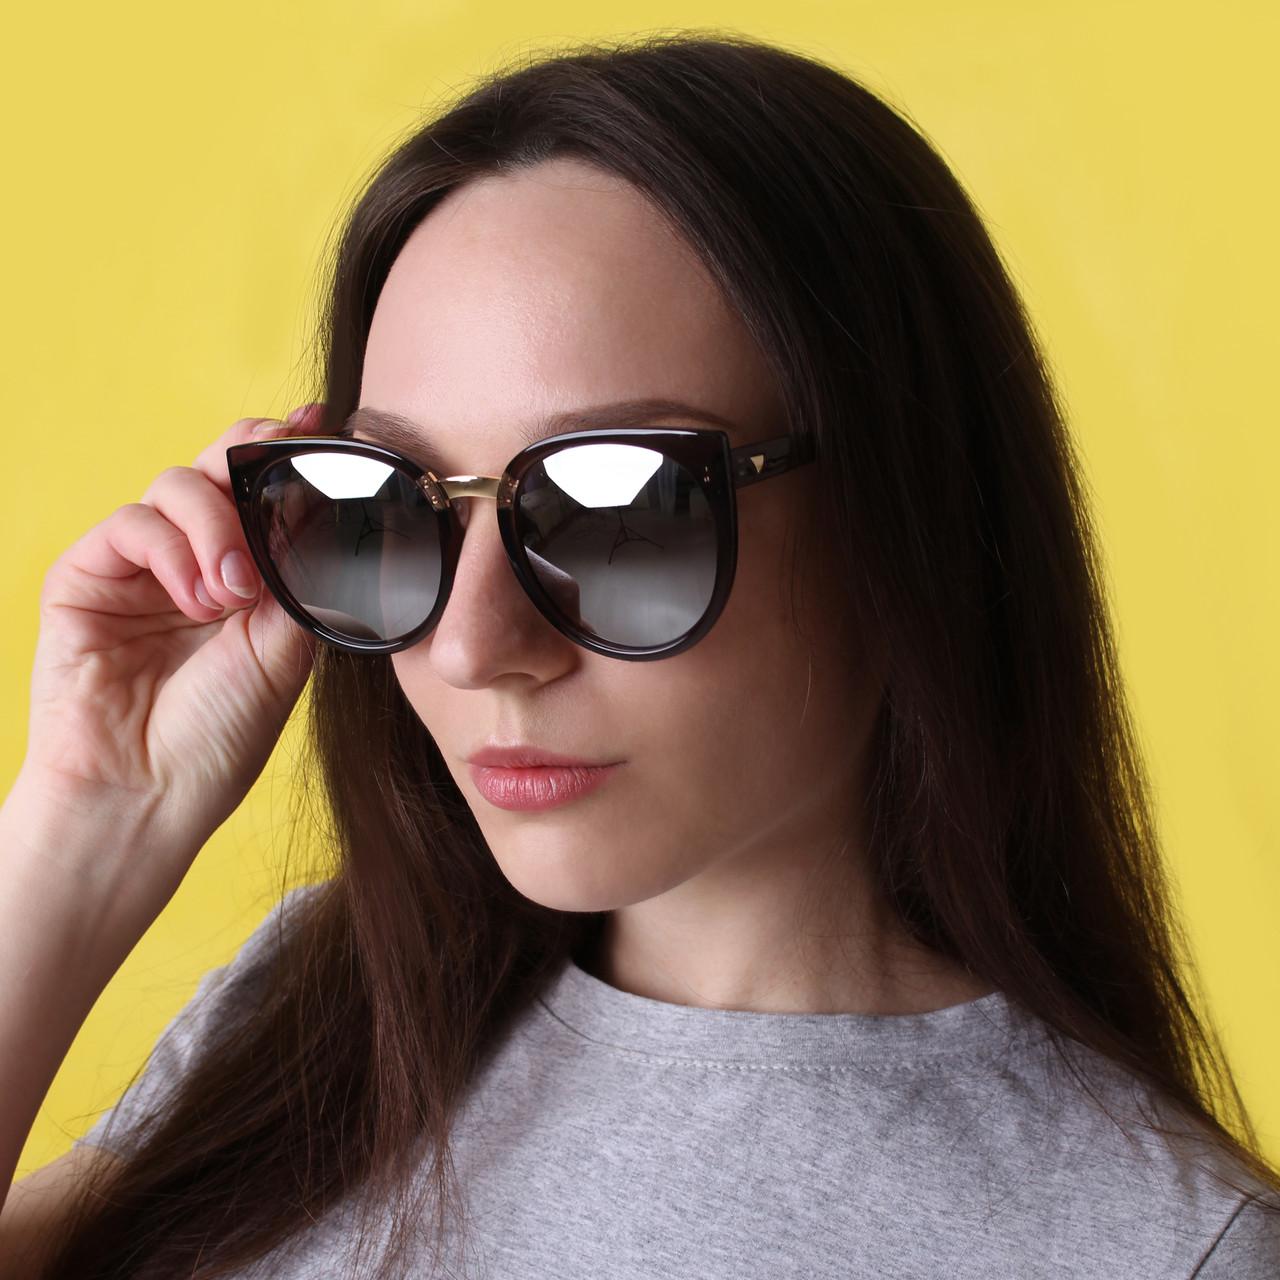 Женские солнцезащитные очки с зеркальными стеклами